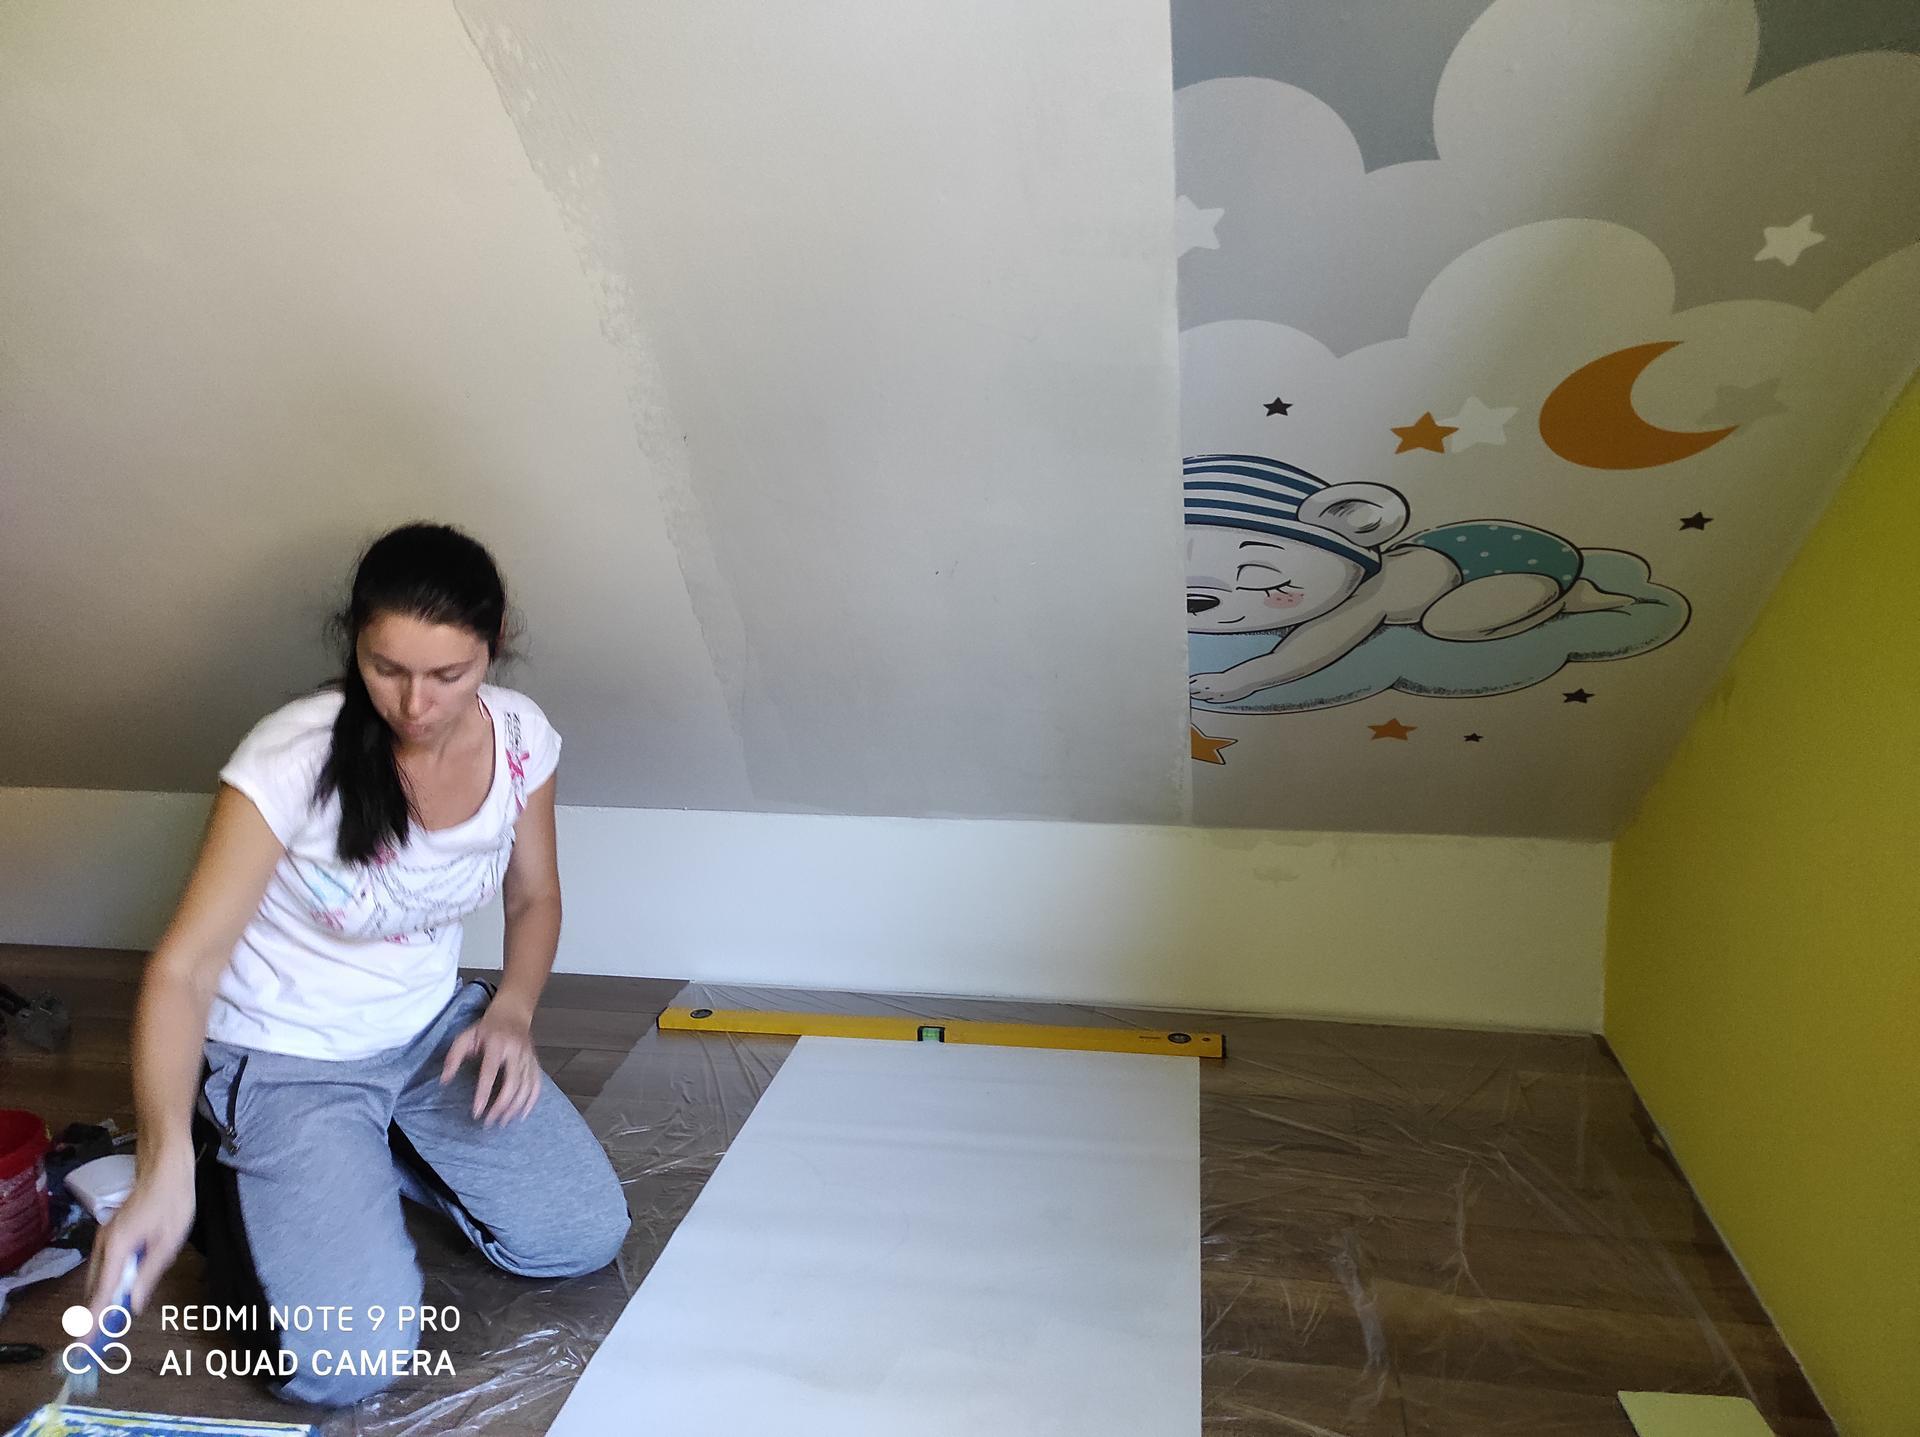 Práce okolo domu a v dome 2020 - Obrázok č. 81